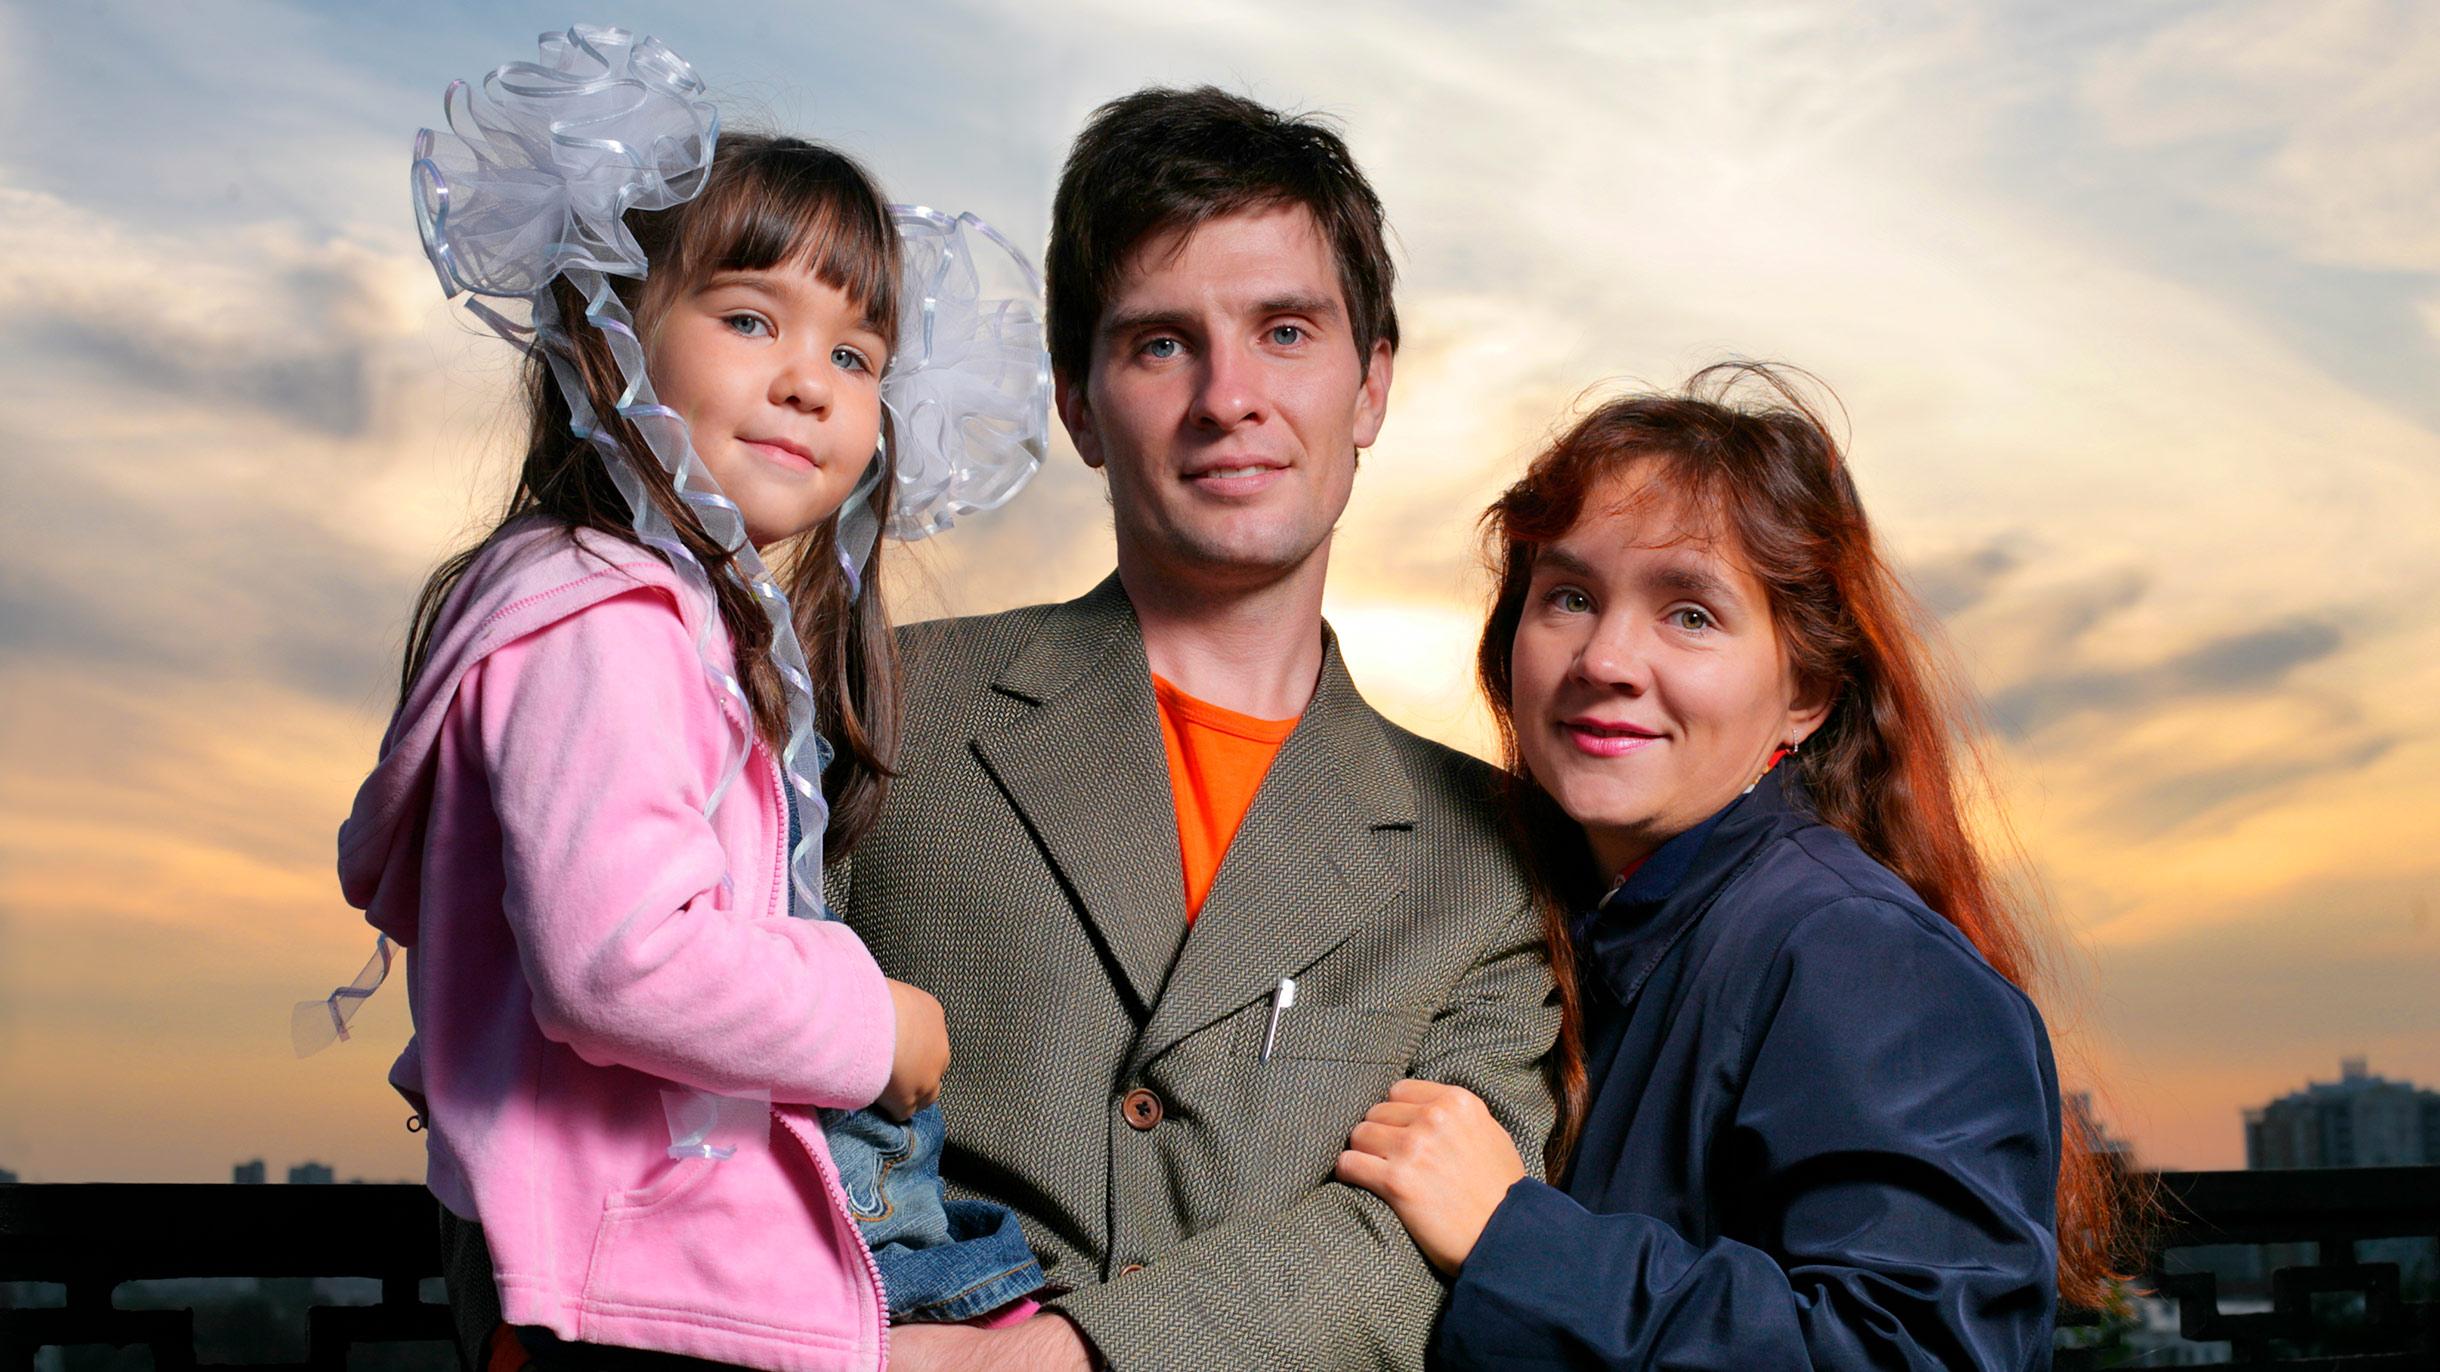 Наследство в гражданском браке: на что имеет право жена и совместный ребенок в незарегистрированном союзе?